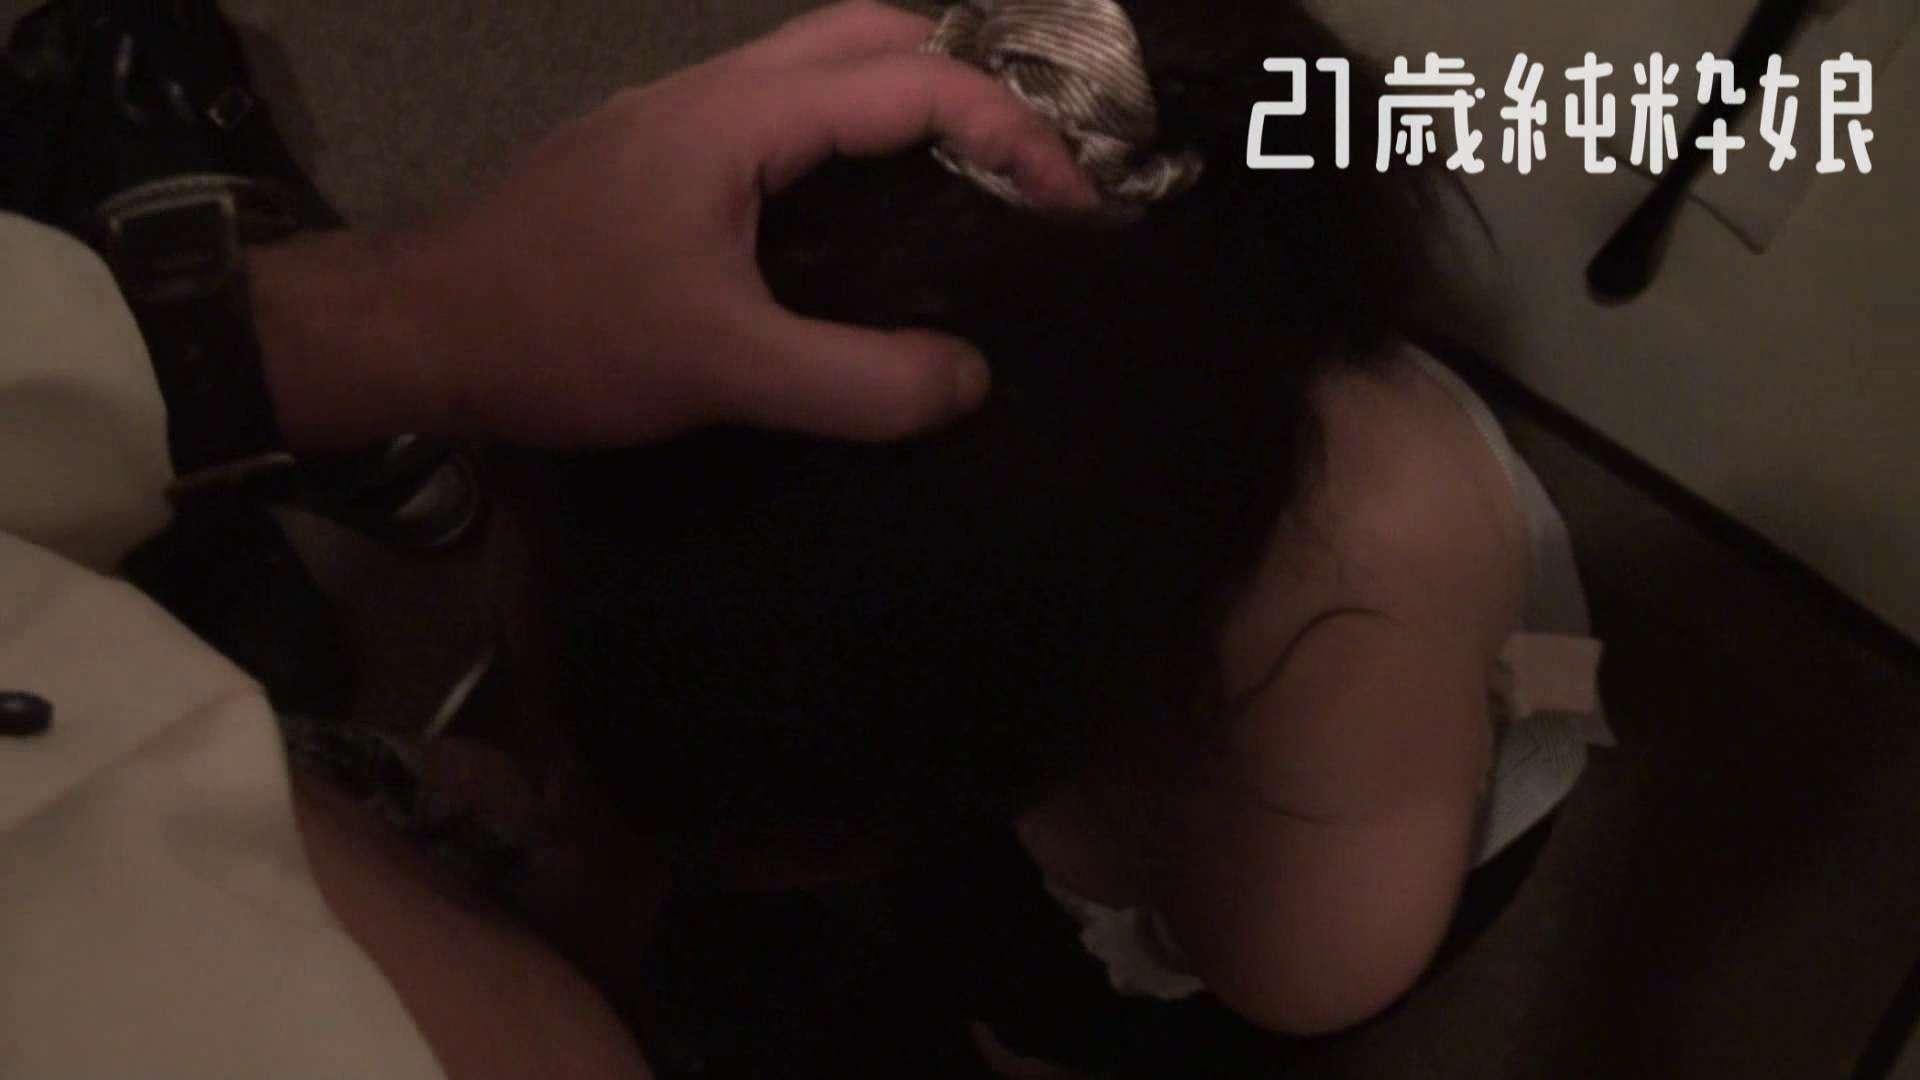 上京したばかりのGカップ21歳純粋嬢を都合の良い女にしてみた 学校  86pic 78